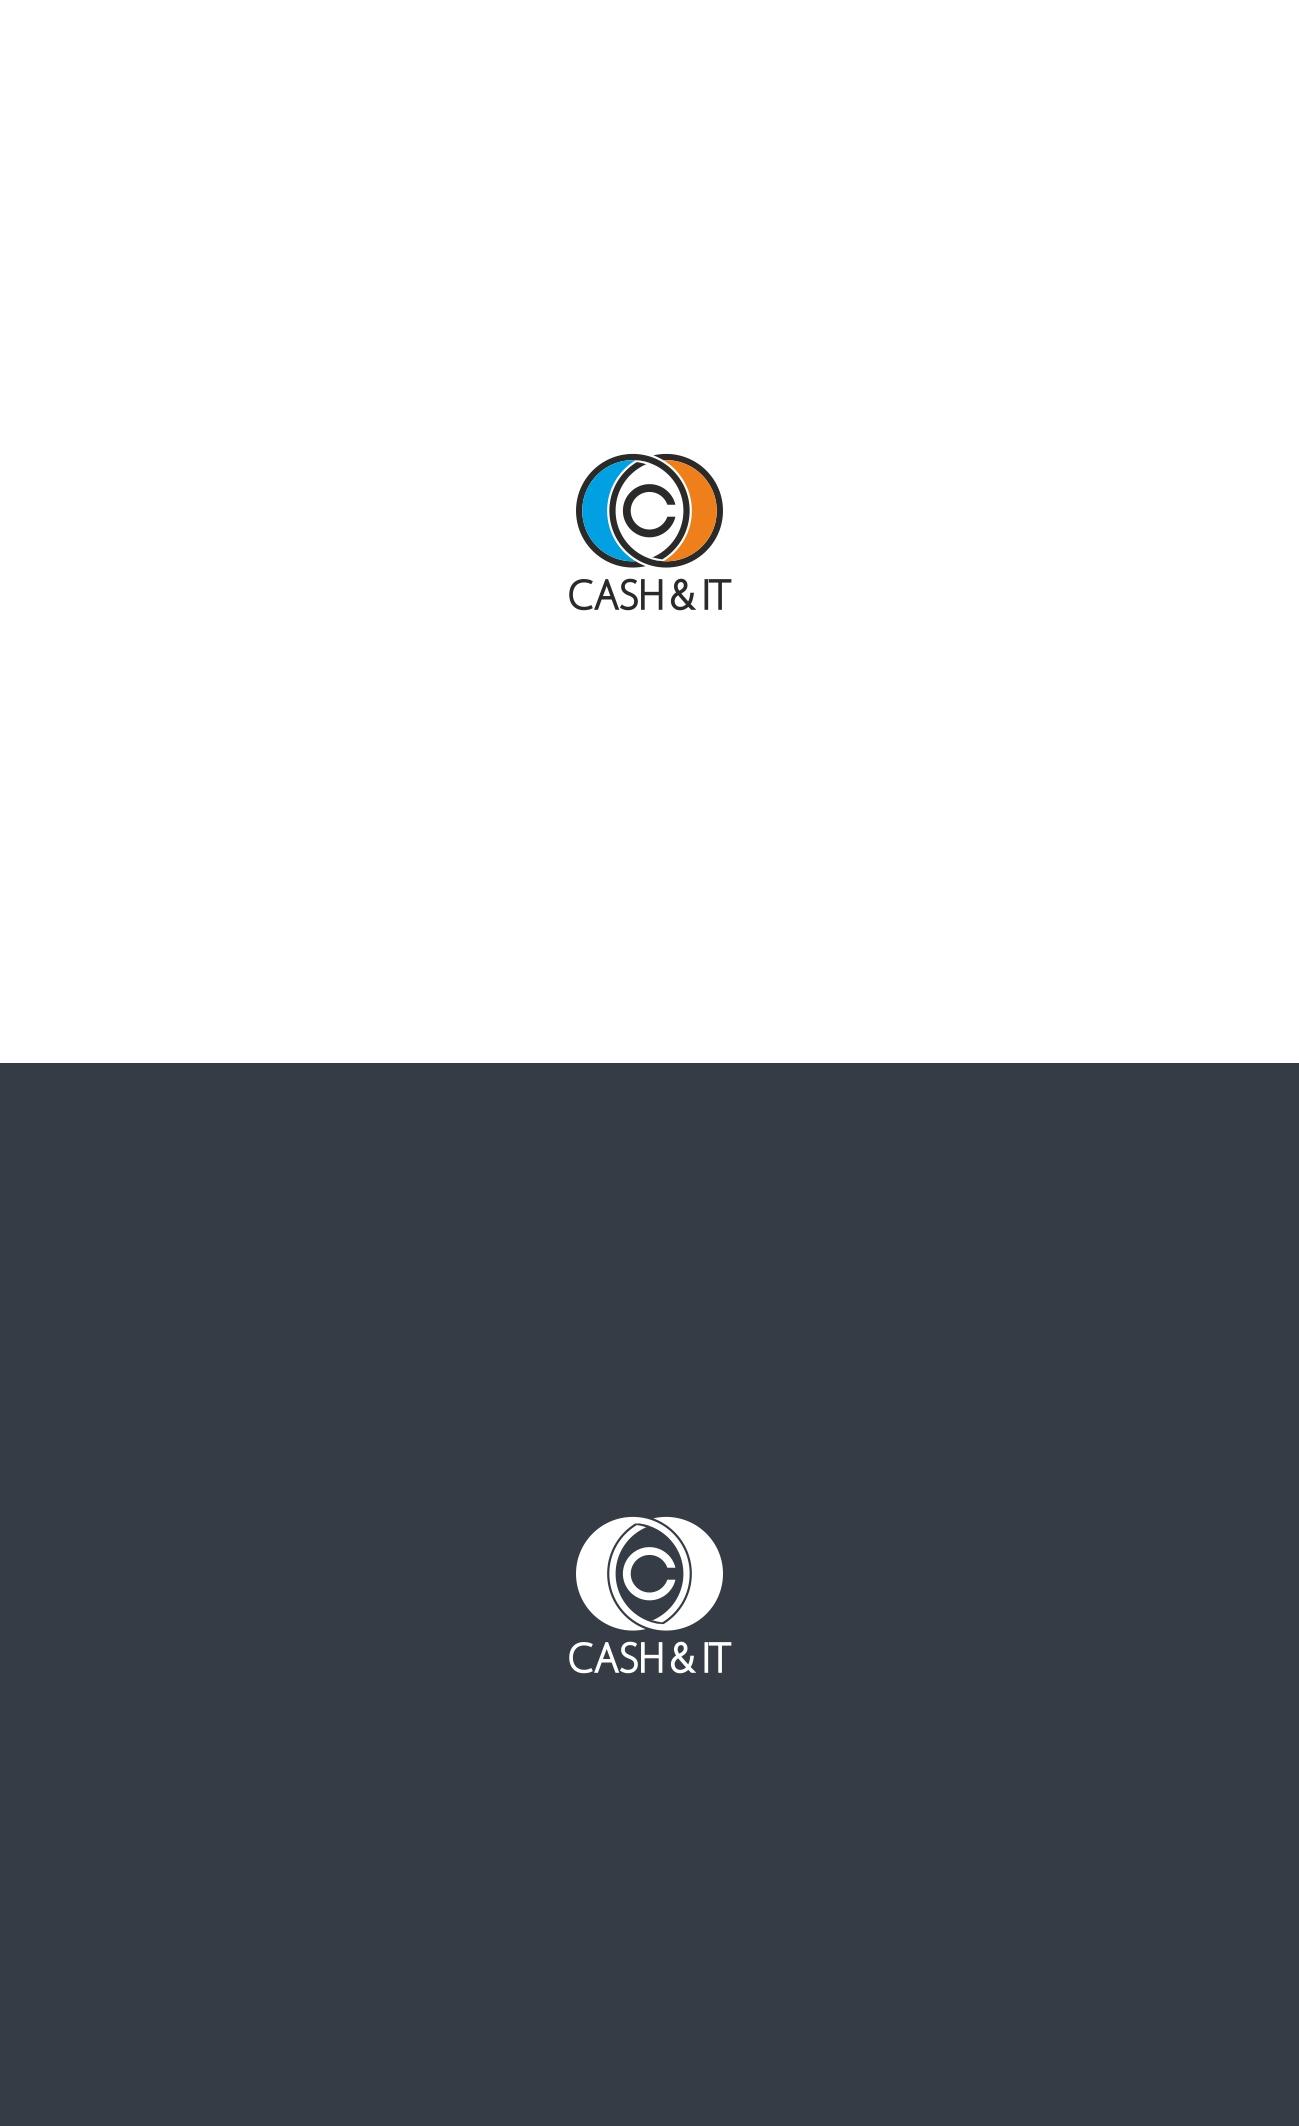 Логотип для Cash & IT - сервис доставки денег фото f_8135fe32875dc039.jpg